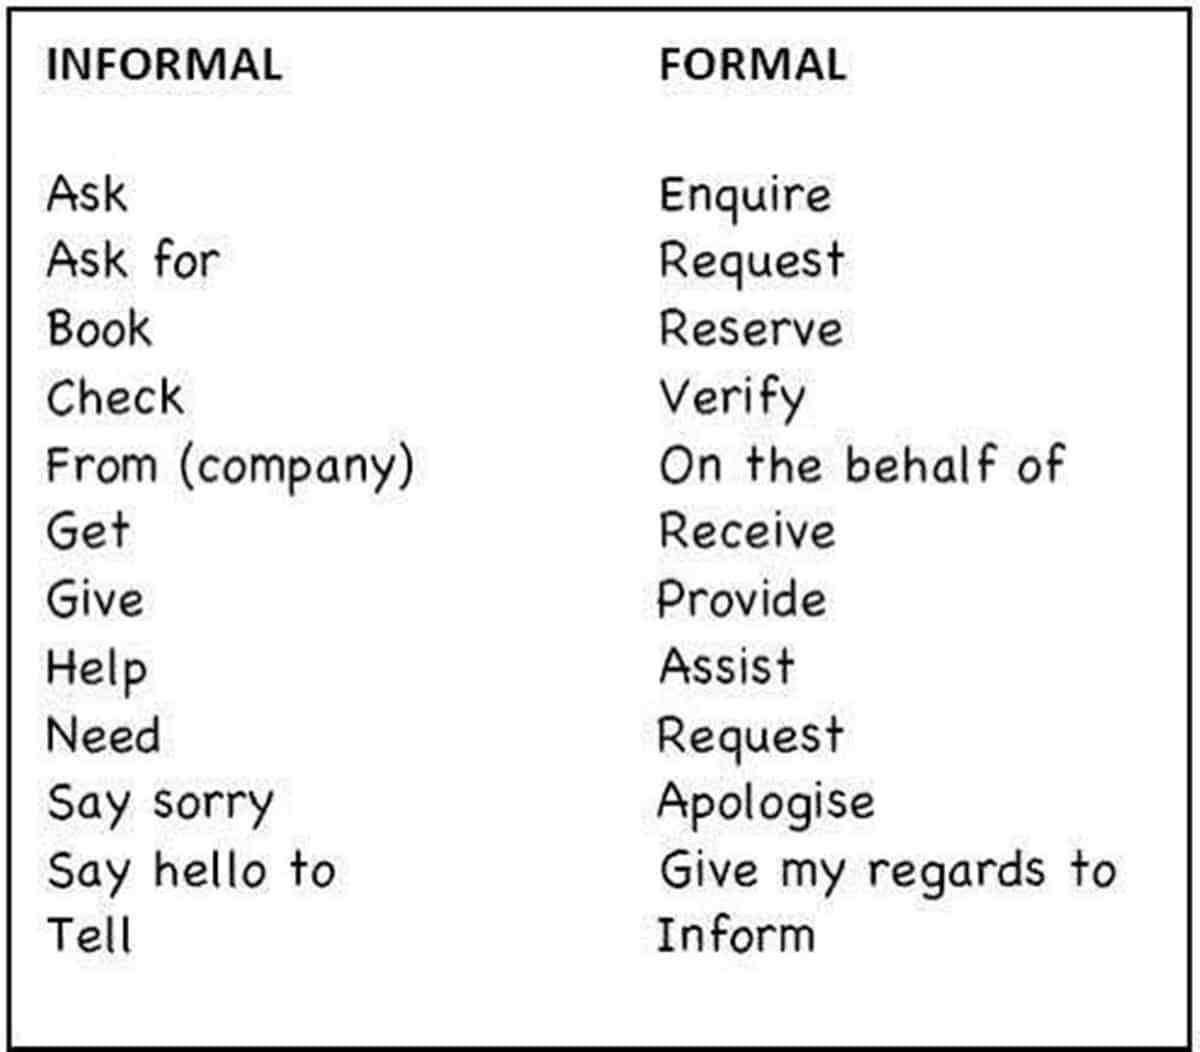 Formal Language Is Less Personal Than Informal Language